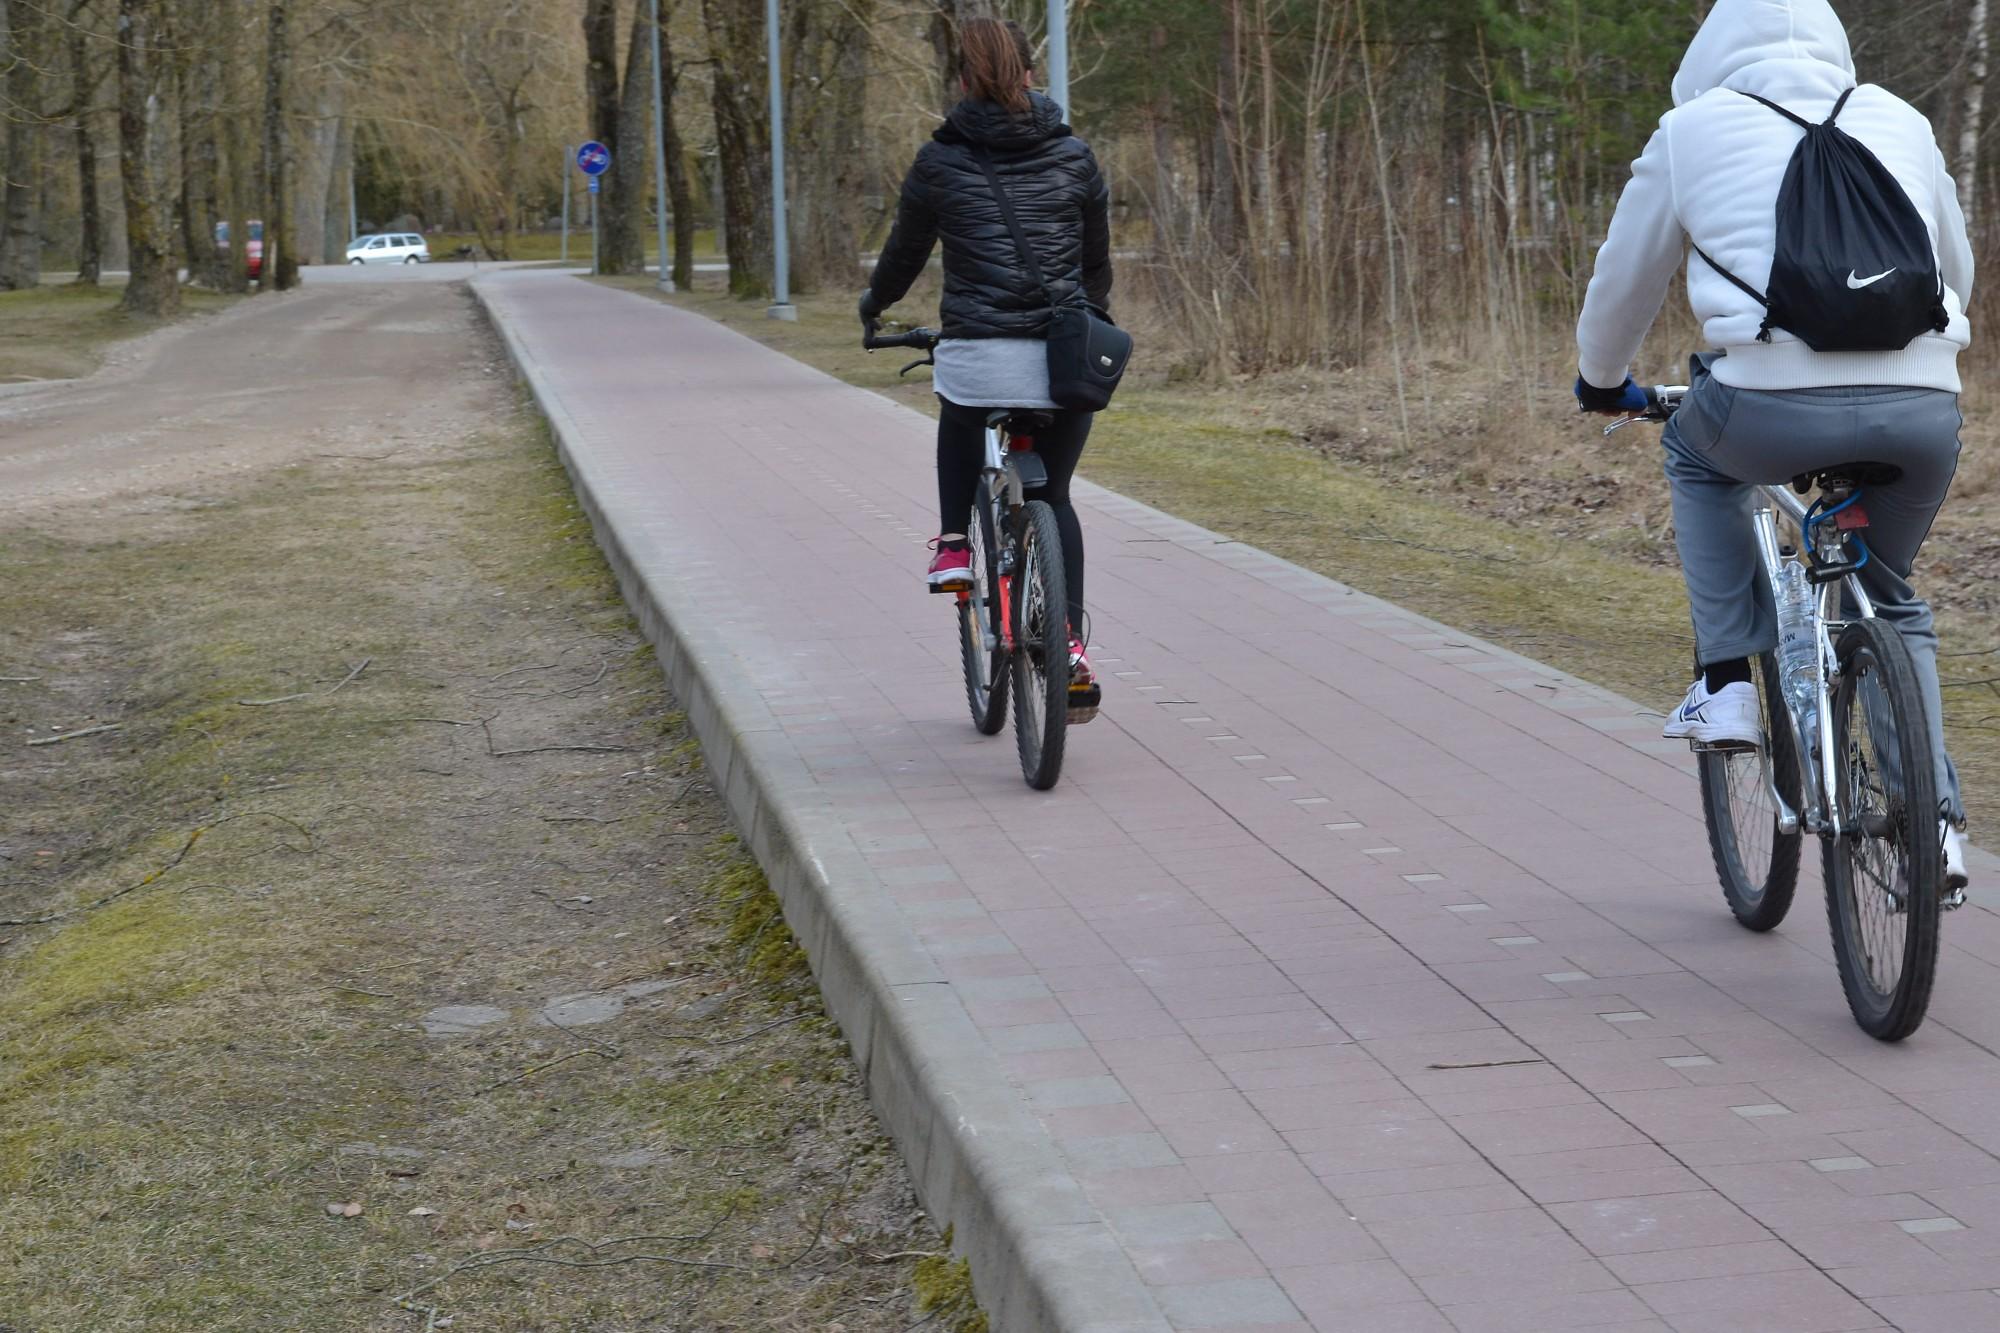 Aicina braukt ar velosipēdu arī ziemā